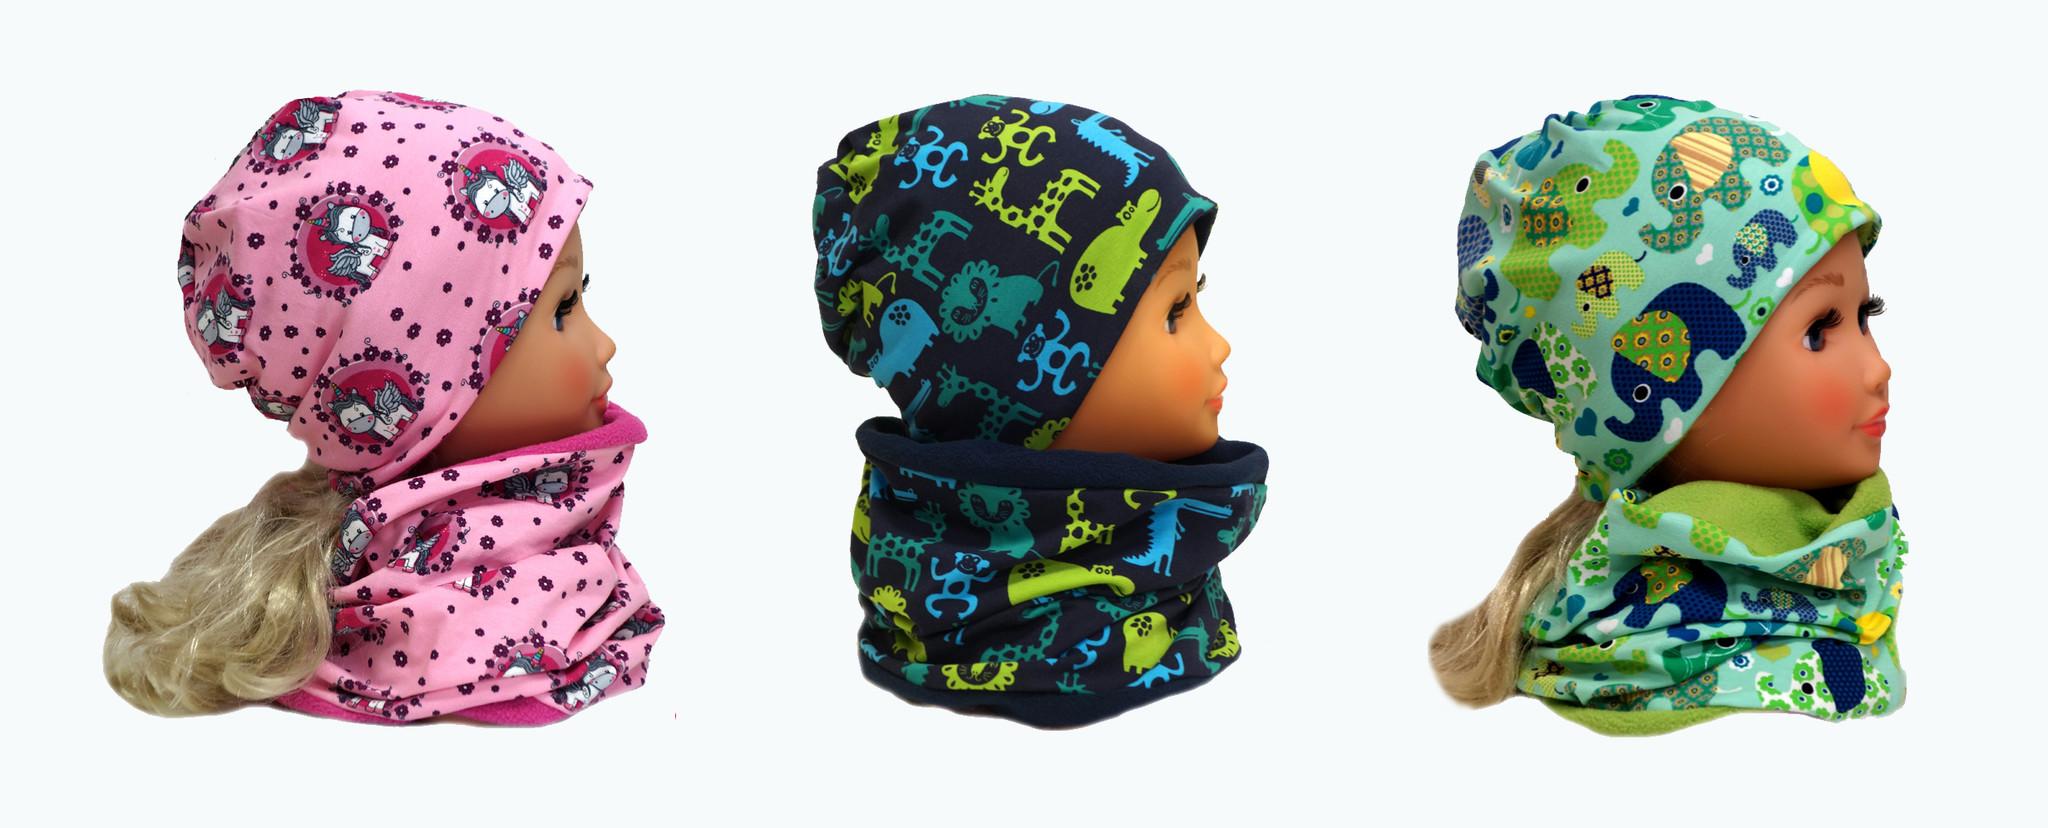 Kindermütze Beanie Mütze, Schal Loopschal, Mütze Schal set, Liebli Kindermode nachhaltige bio Babykleidung Kinderkleidung Babymode 1030 Wien Landstraße